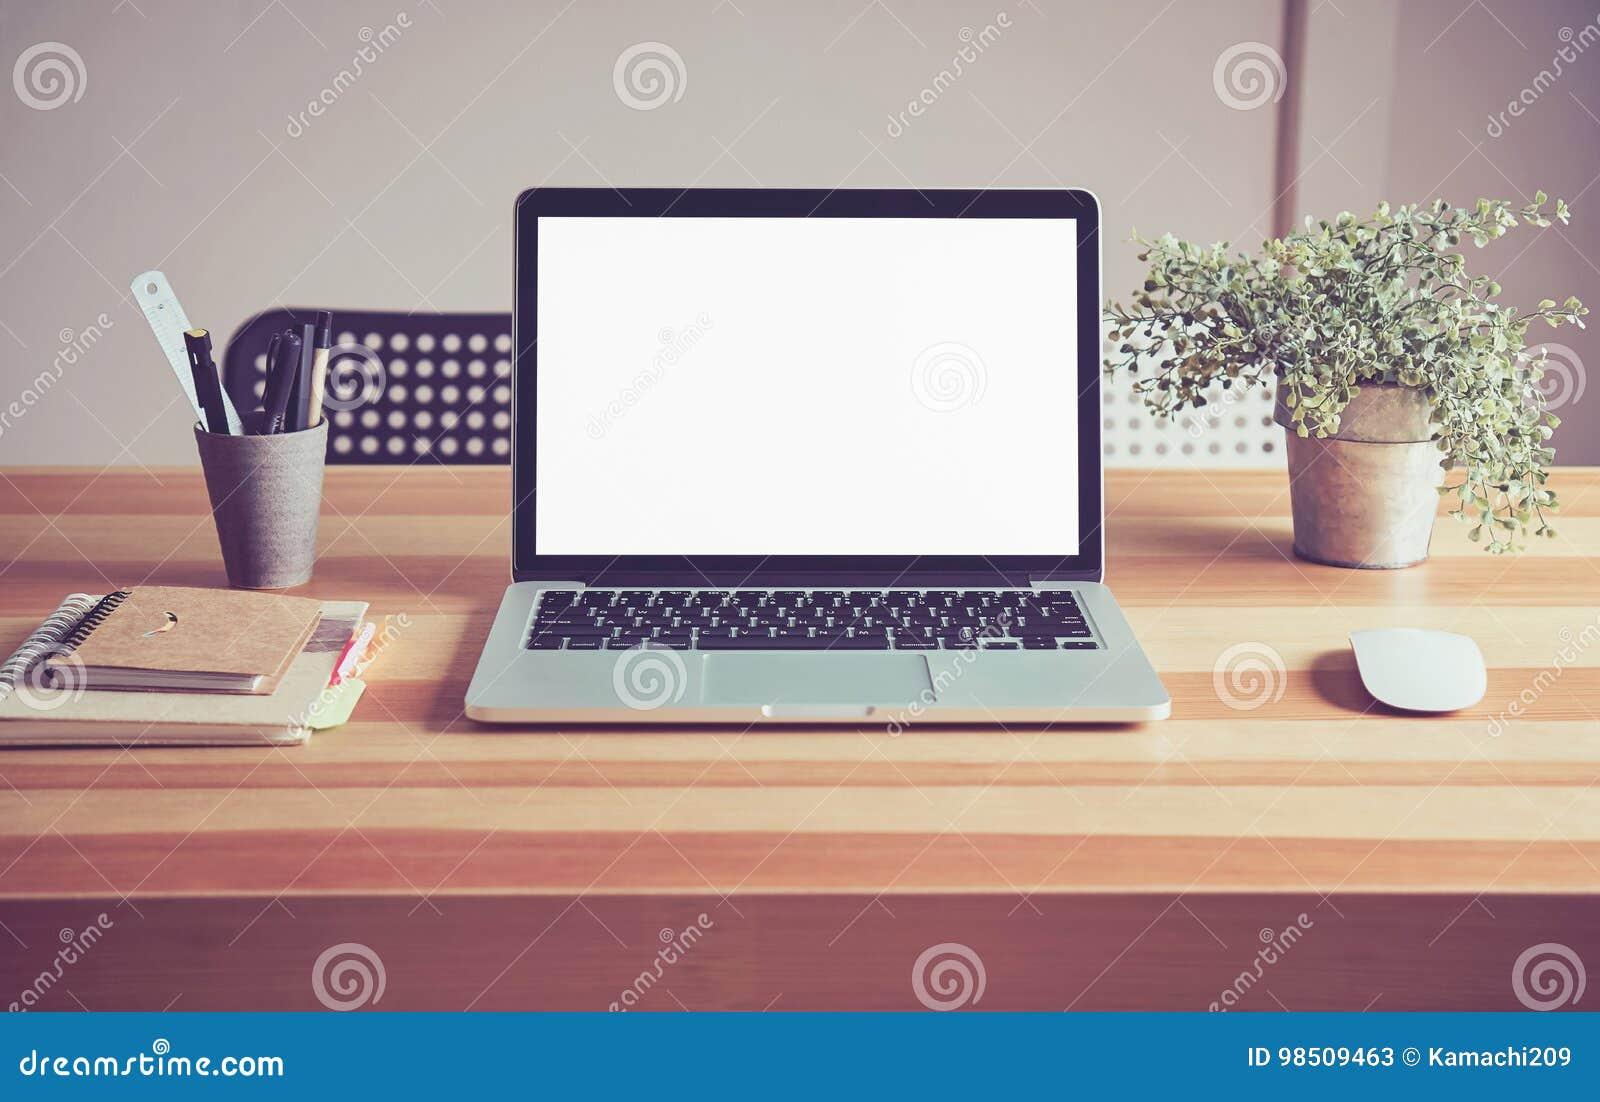 Ordinateur portable sur la table dans le fond de chambre de bureau